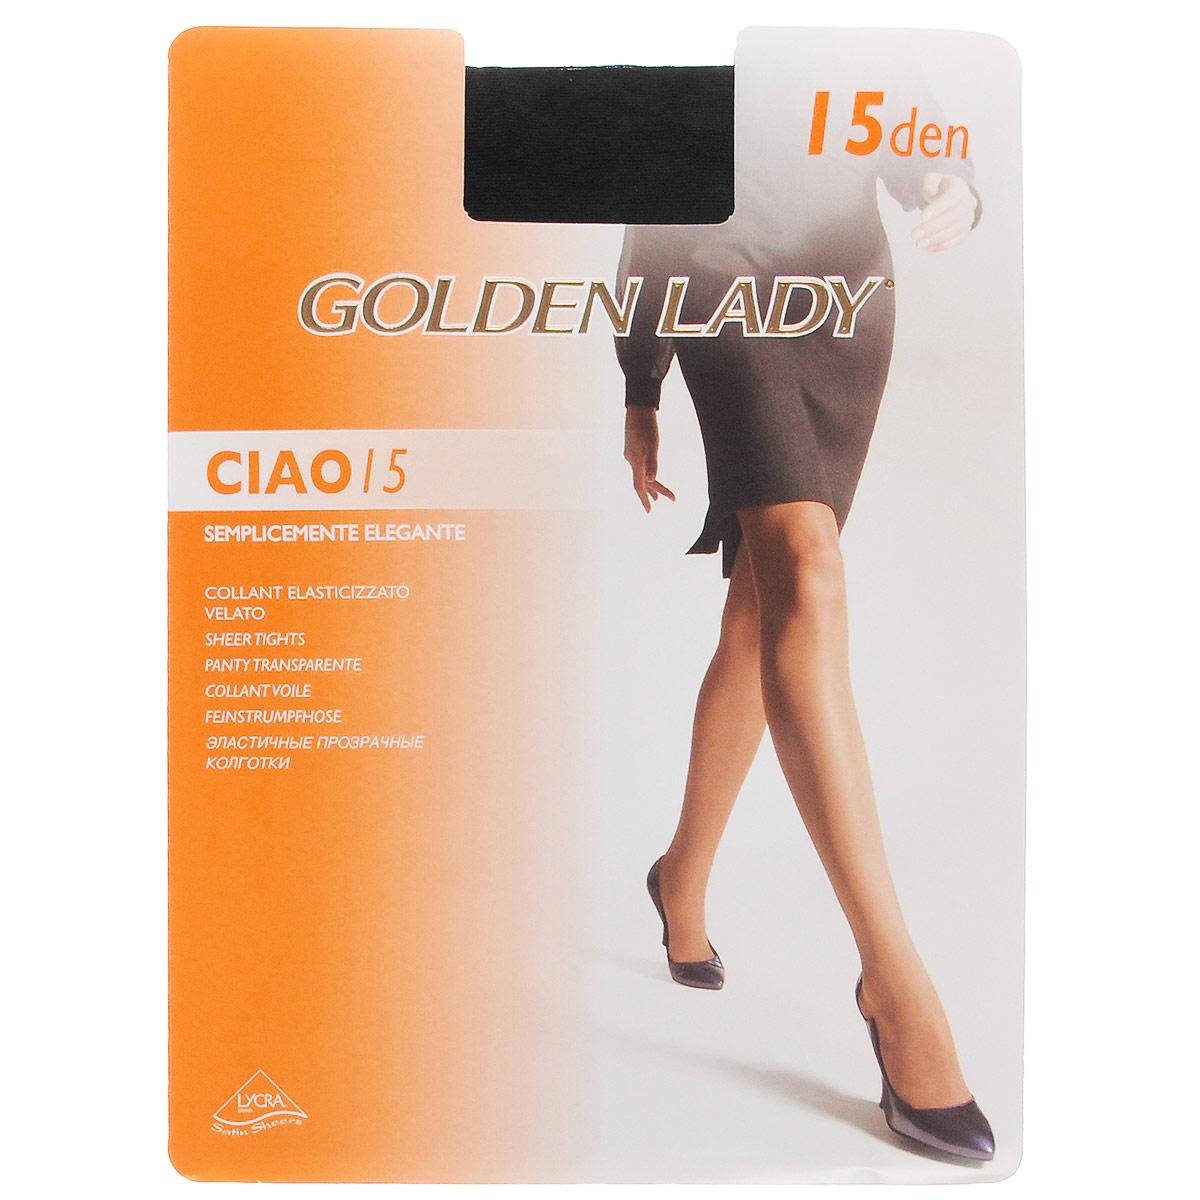 Колготки женские Golden Lady Ciao 15, цвет: Nero (черный). 36N-UR. Размер 3 (M) колготки женские golden lady bikini slim 40 цвет nero черный 122lll размер 4 l